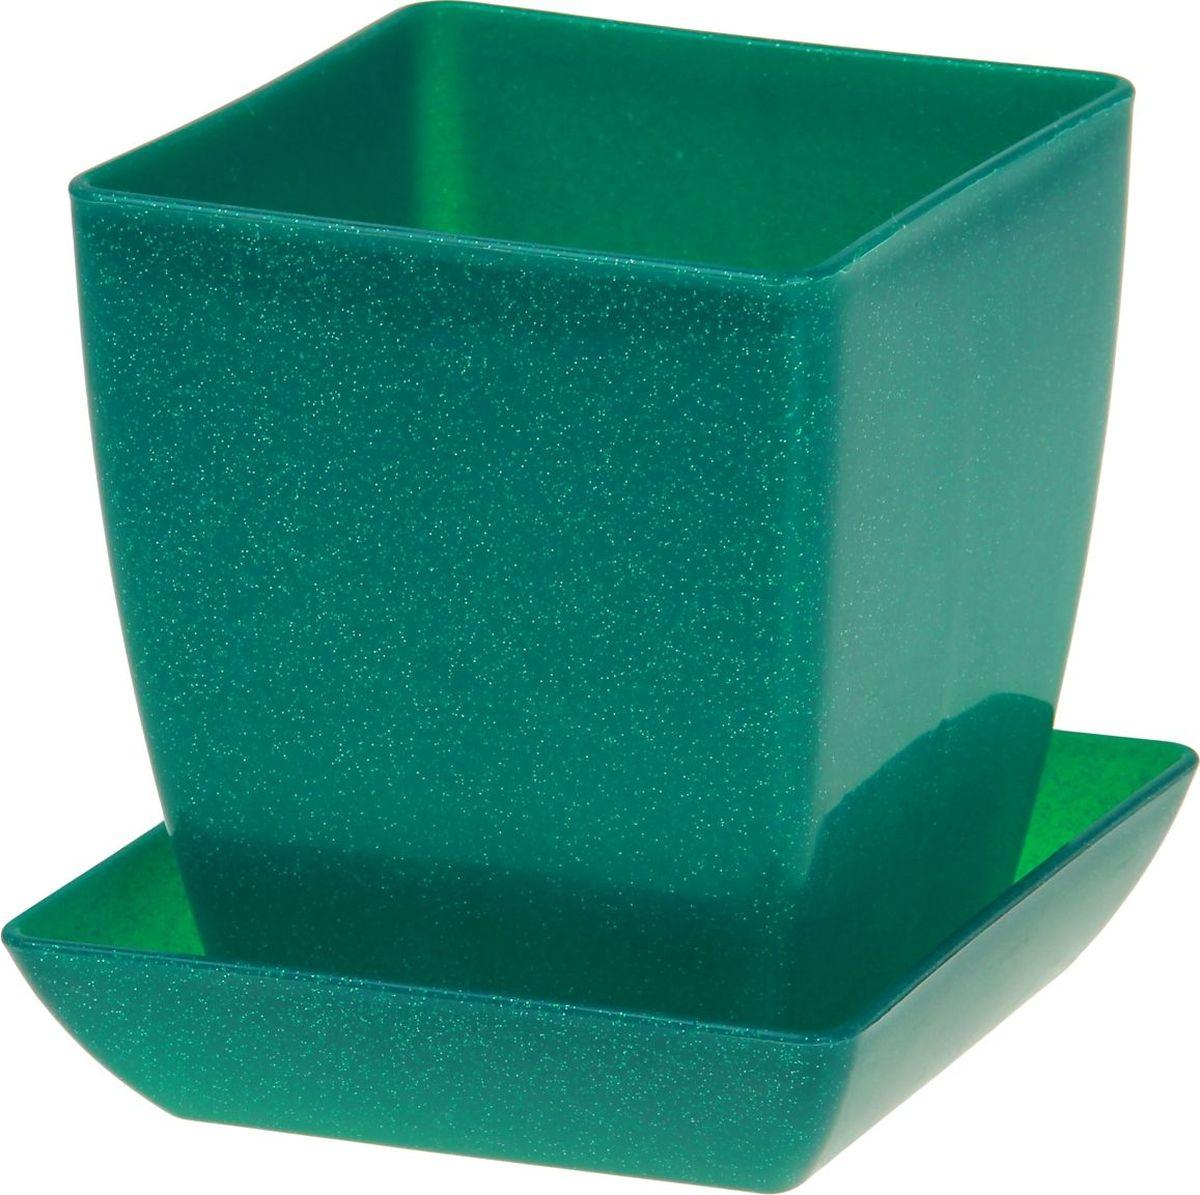 Горшок для цветов Мегапласт Квадрат, с поддоном, цвет: зеленый, 1 л822380Горшок для цветов Мегапласт Квадрат обладает малым весом и высокой прочностью. С лёгкостью переносите горшки и кашпо с места на место, ставьте их на столики или полки, подвешивайте под потолок, не беспокоясь о нагрузке. Пластиковые изделия не нуждаются в специальных условиях хранения. Их легко чистить - достаточно просто сполоснуть тёплой водой. Пластиковые кашпо не царапают и не загрязняют поверхности, на которых стоят. Пластик дольше хранит влагу, а значит растение реже нуждается в поливе.Пластмасса не пропускает воздух, а значит, корневой системе растения не грозят резкие перепады температур. Соблюдая нехитрые правила ухода, вы можете заметно продлить срок службы горшков, вазонов и кашпо из пластика:- всегда учитывайте размер кроны и корневой системы растения (при разрастании большое растение способно повредить маленький горшок). - берегите изделие от воздействия прямых солнечных лучей, чтобы кашпо и горшки не выцветали. - держите кашпо и горшки из пластика подальше от нагревающихся поверхностей. Любой, даже самый современный и продуманный интерьер будет не завершённым без растений. Они не только очищают воздух и насыщают его кислородом, но и заметно украшают окружающее пространство. Такому полезному члену семьи просто необходимо красивое и функциональное кашпо, оригинальный горшок или необычная ваза!